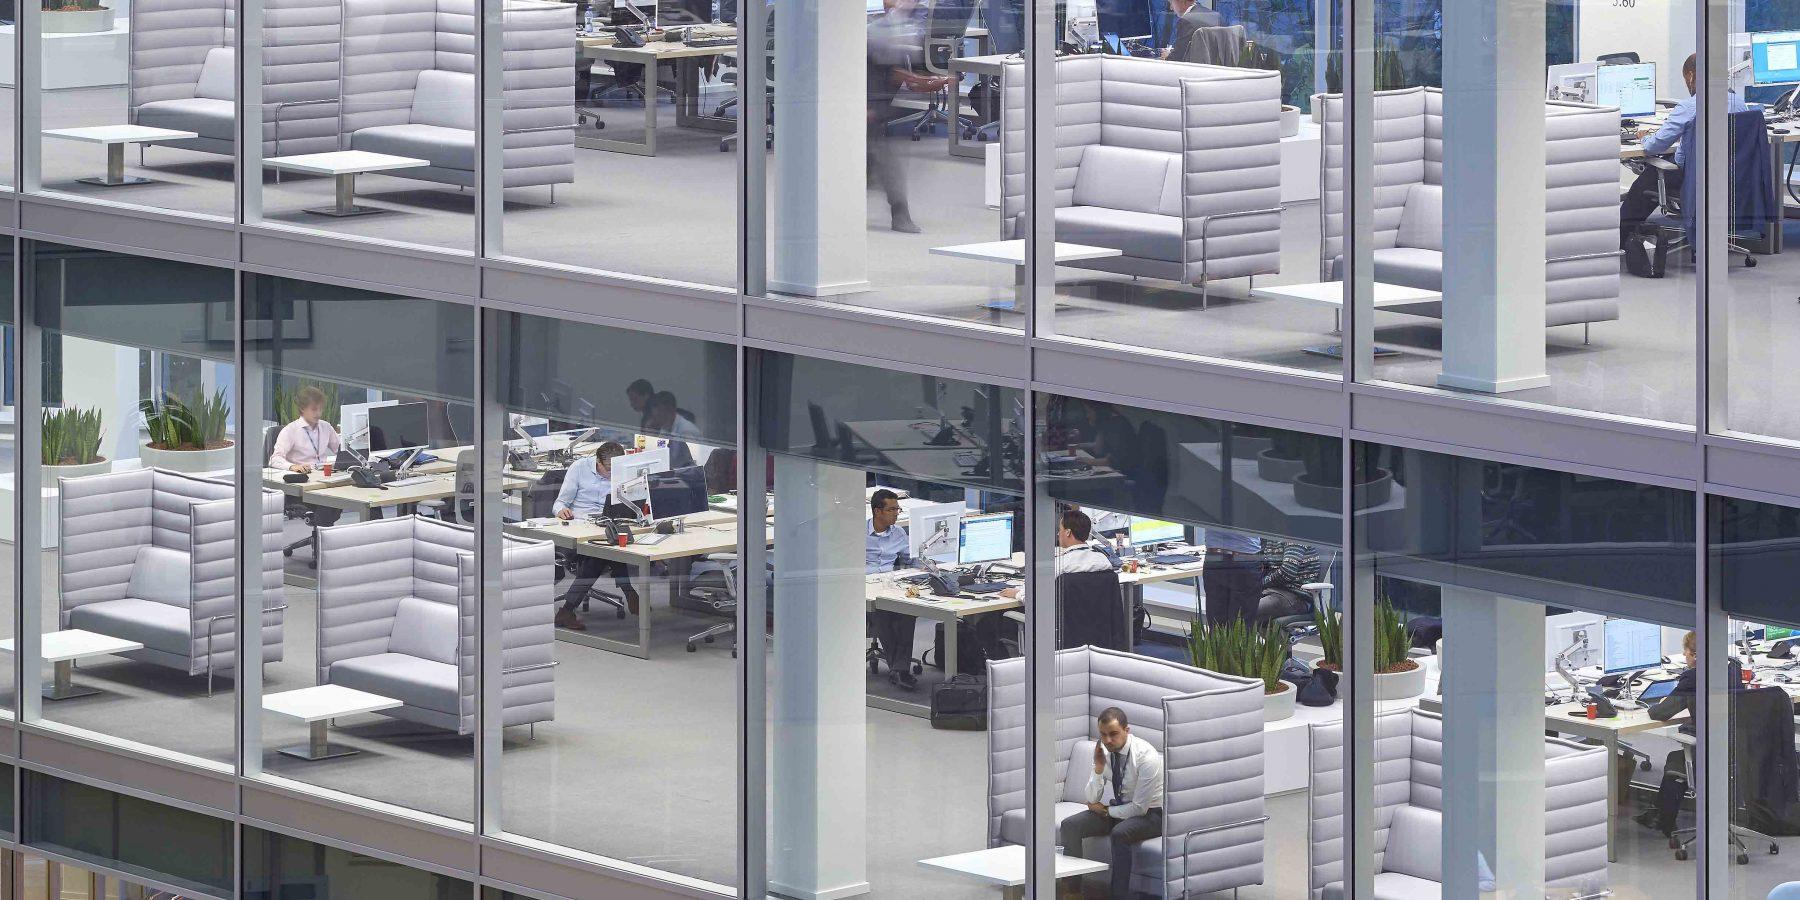 Deloitte The Edge The Smartest Building In The World